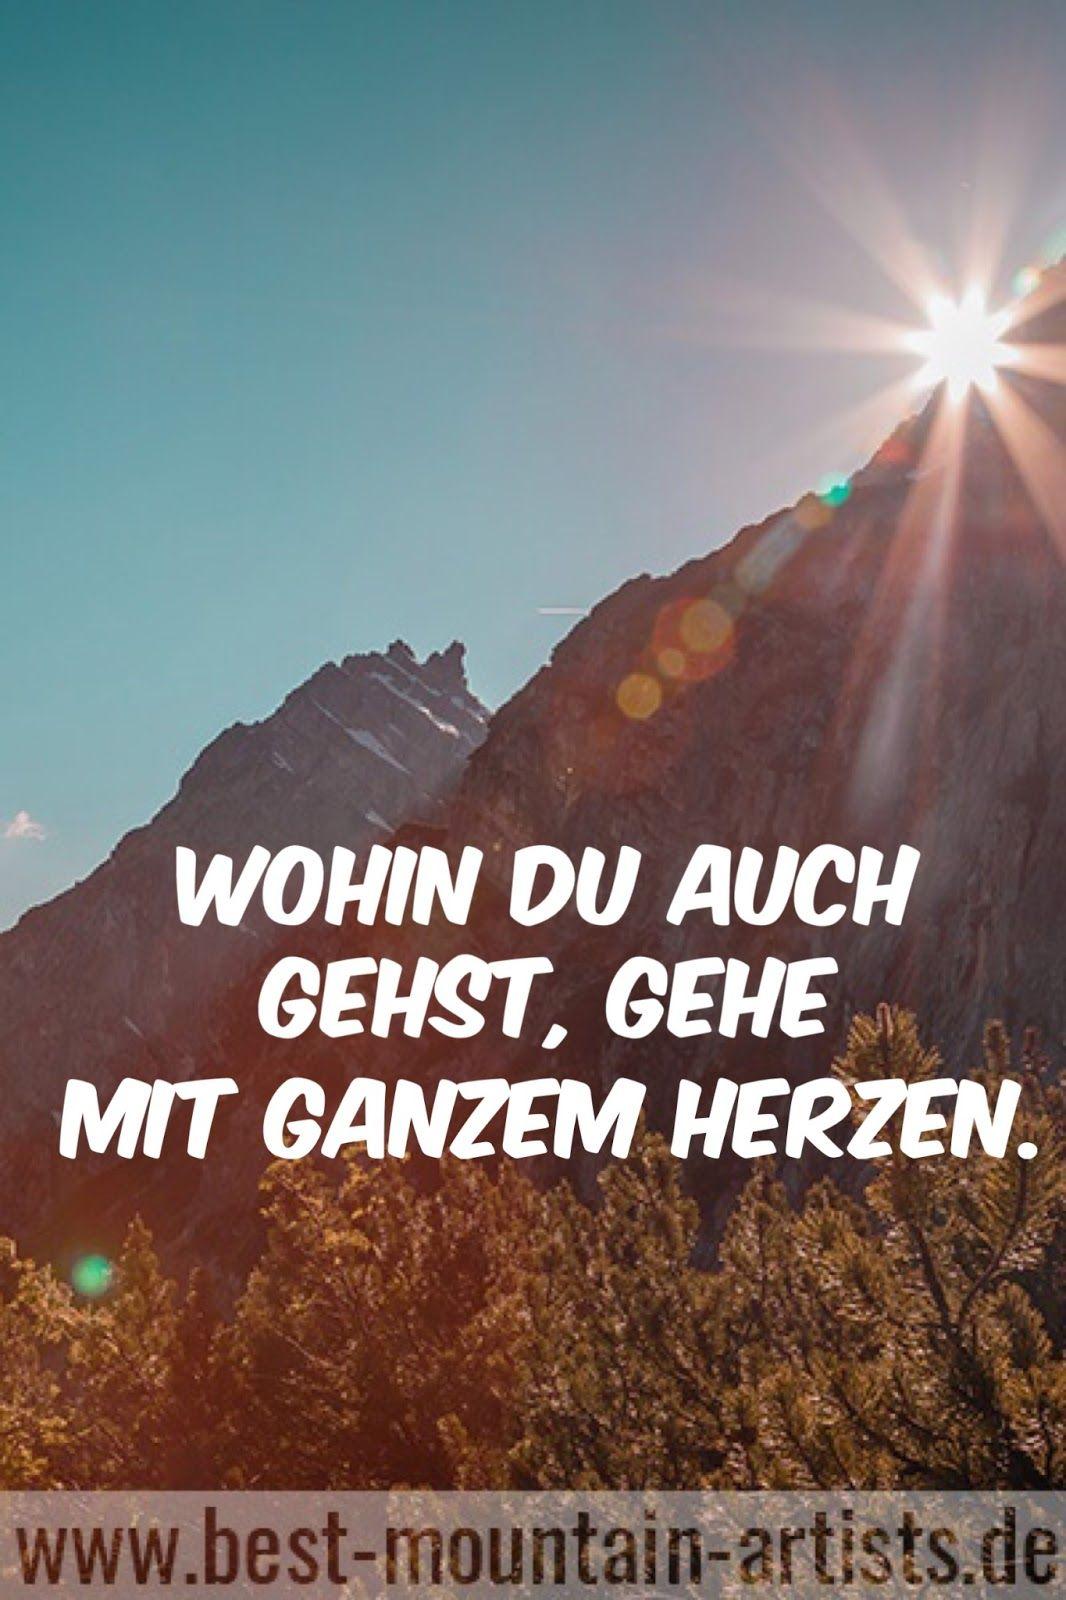 Die 100 Besten Wanderzitate Zitat Wand Sprüche Natur Und